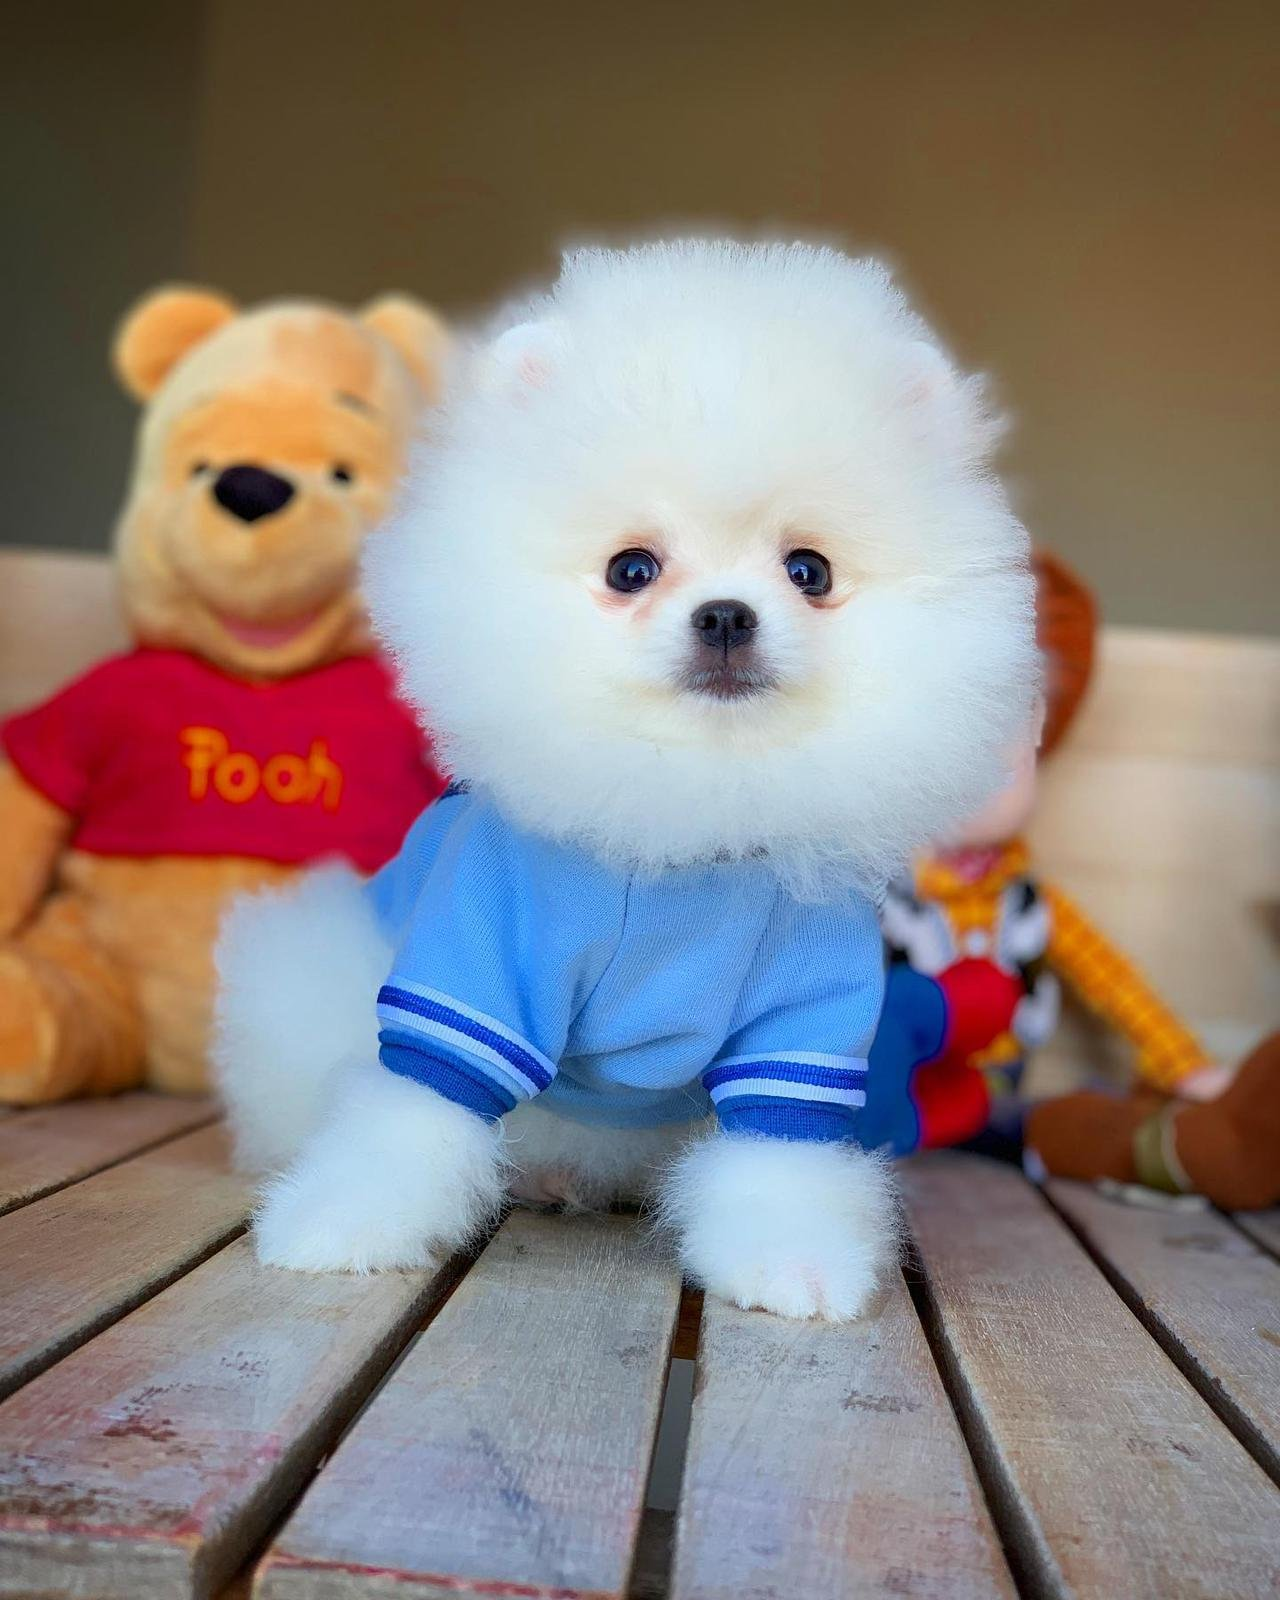 Orjinal  Teddybear Yüz Yapısına Sahip Pomeranianboo 1